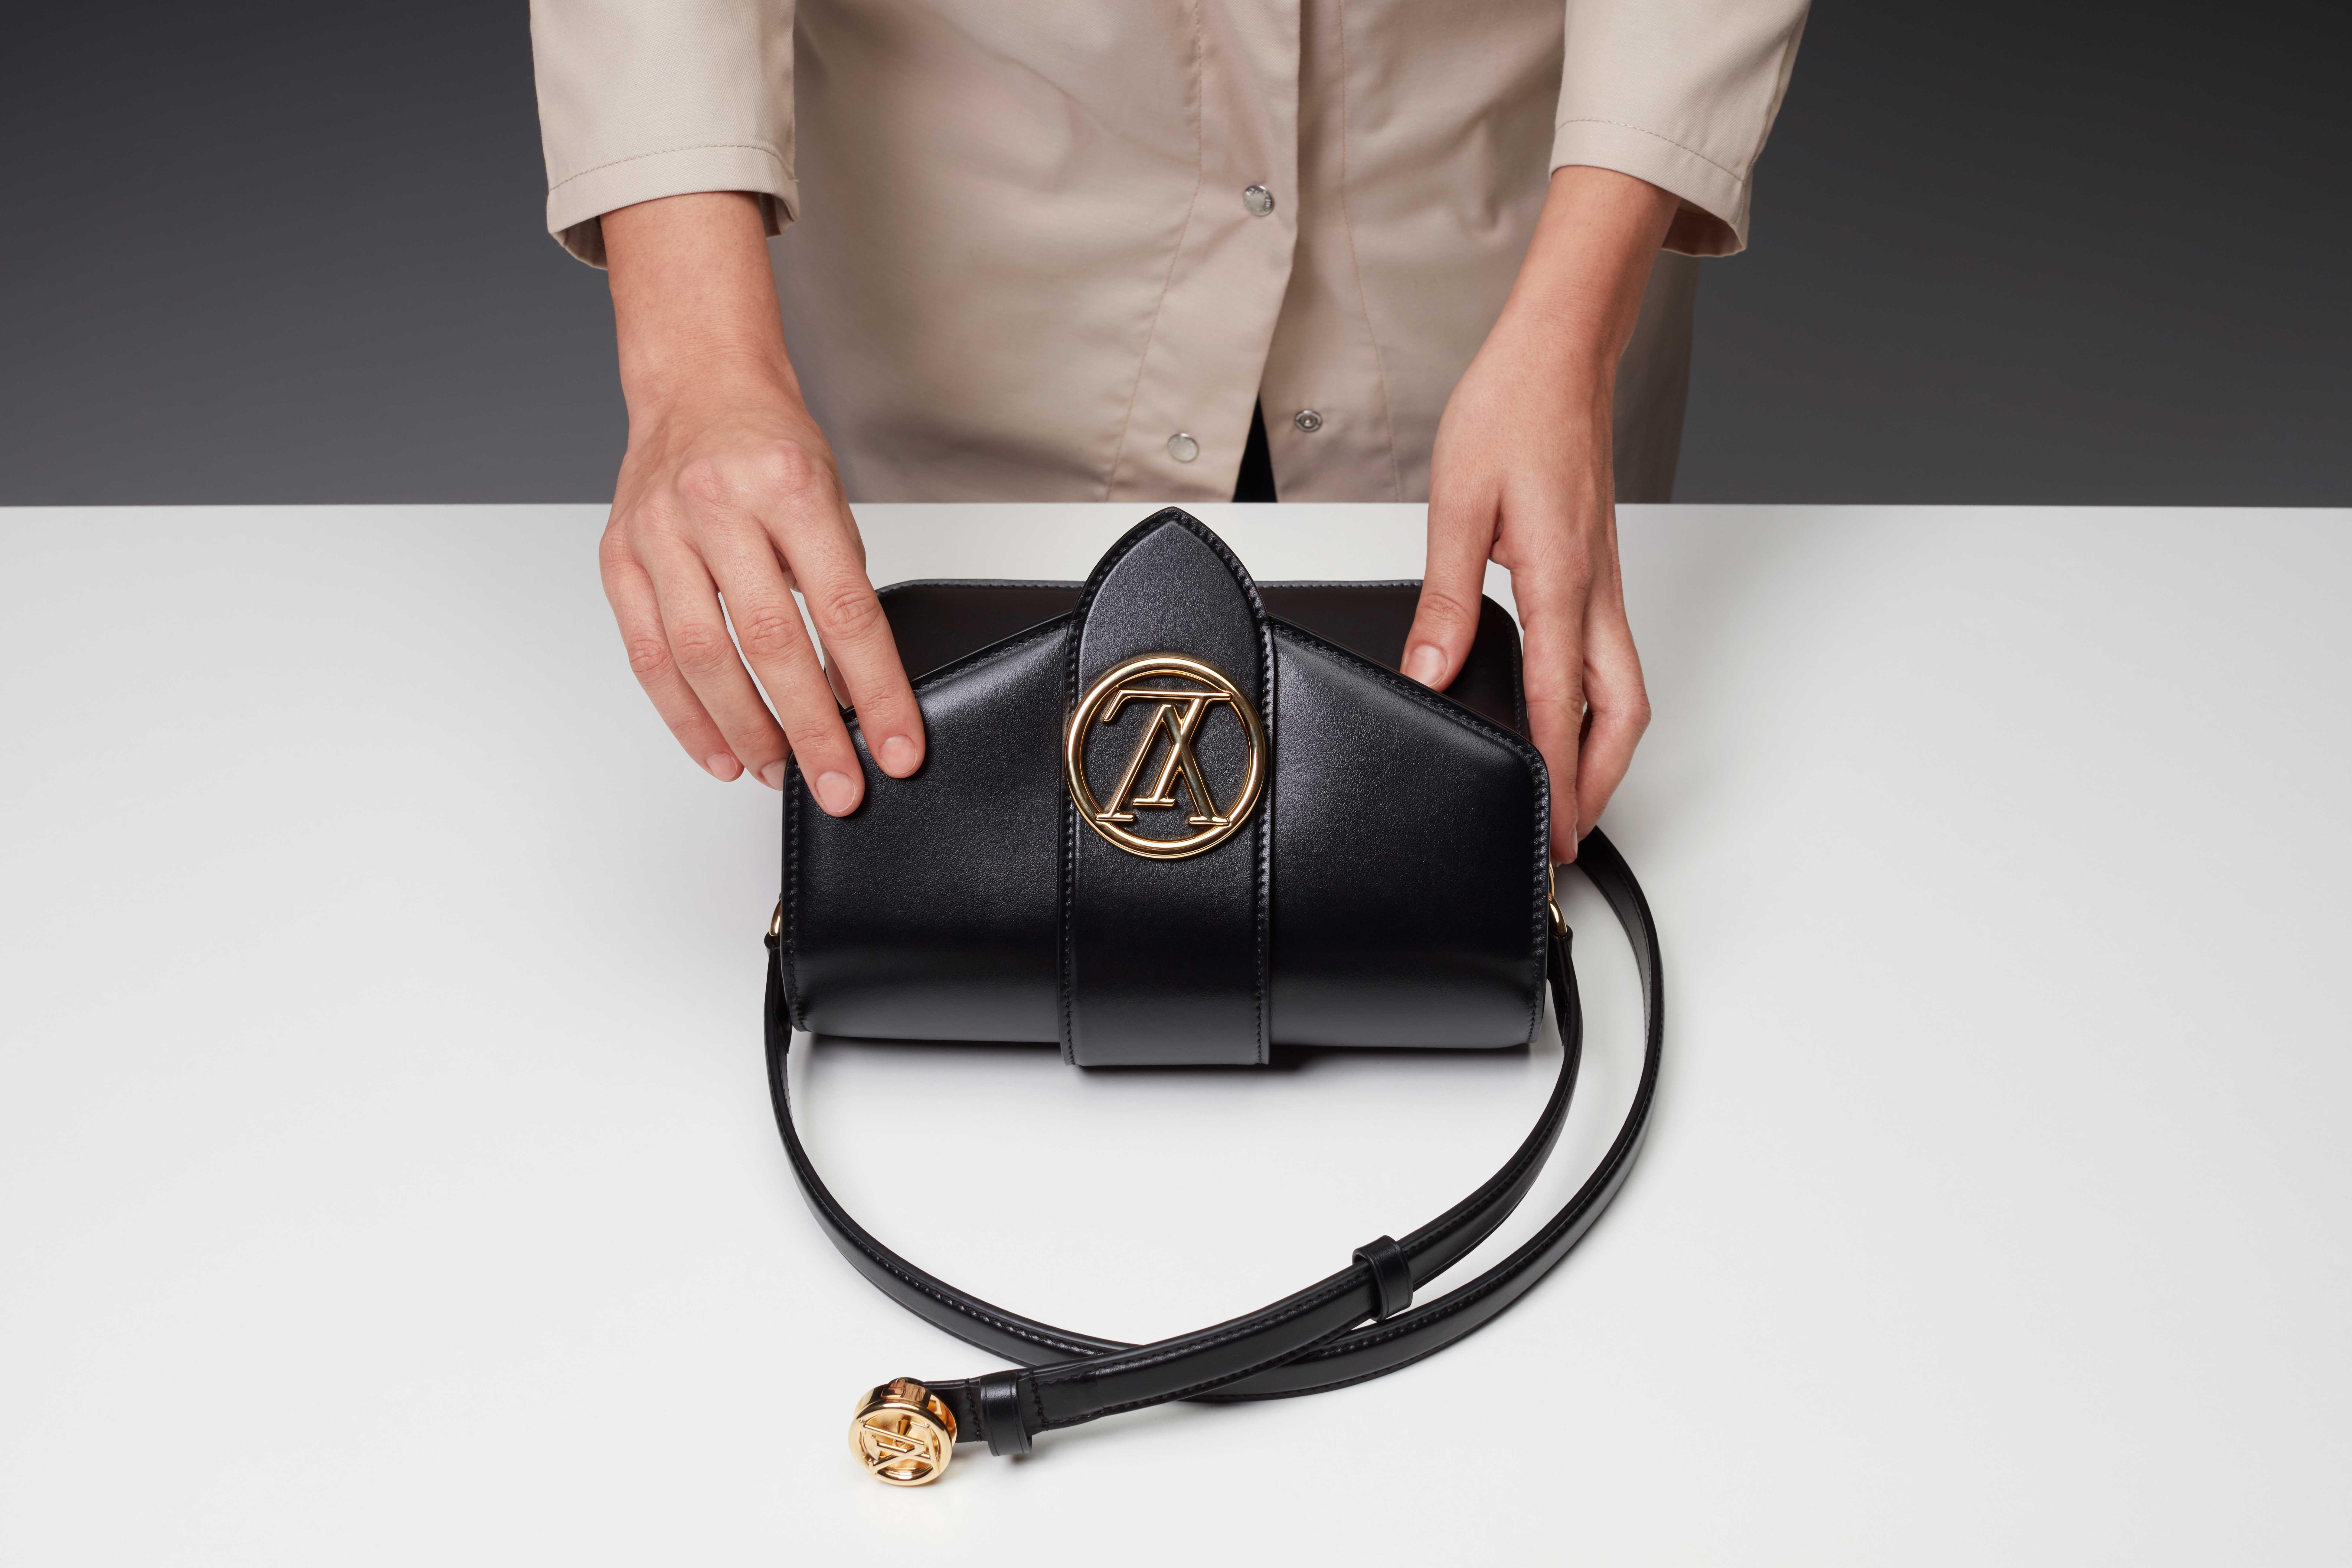 Cận cảnh chiếc túi LV Pont 9 màu đen